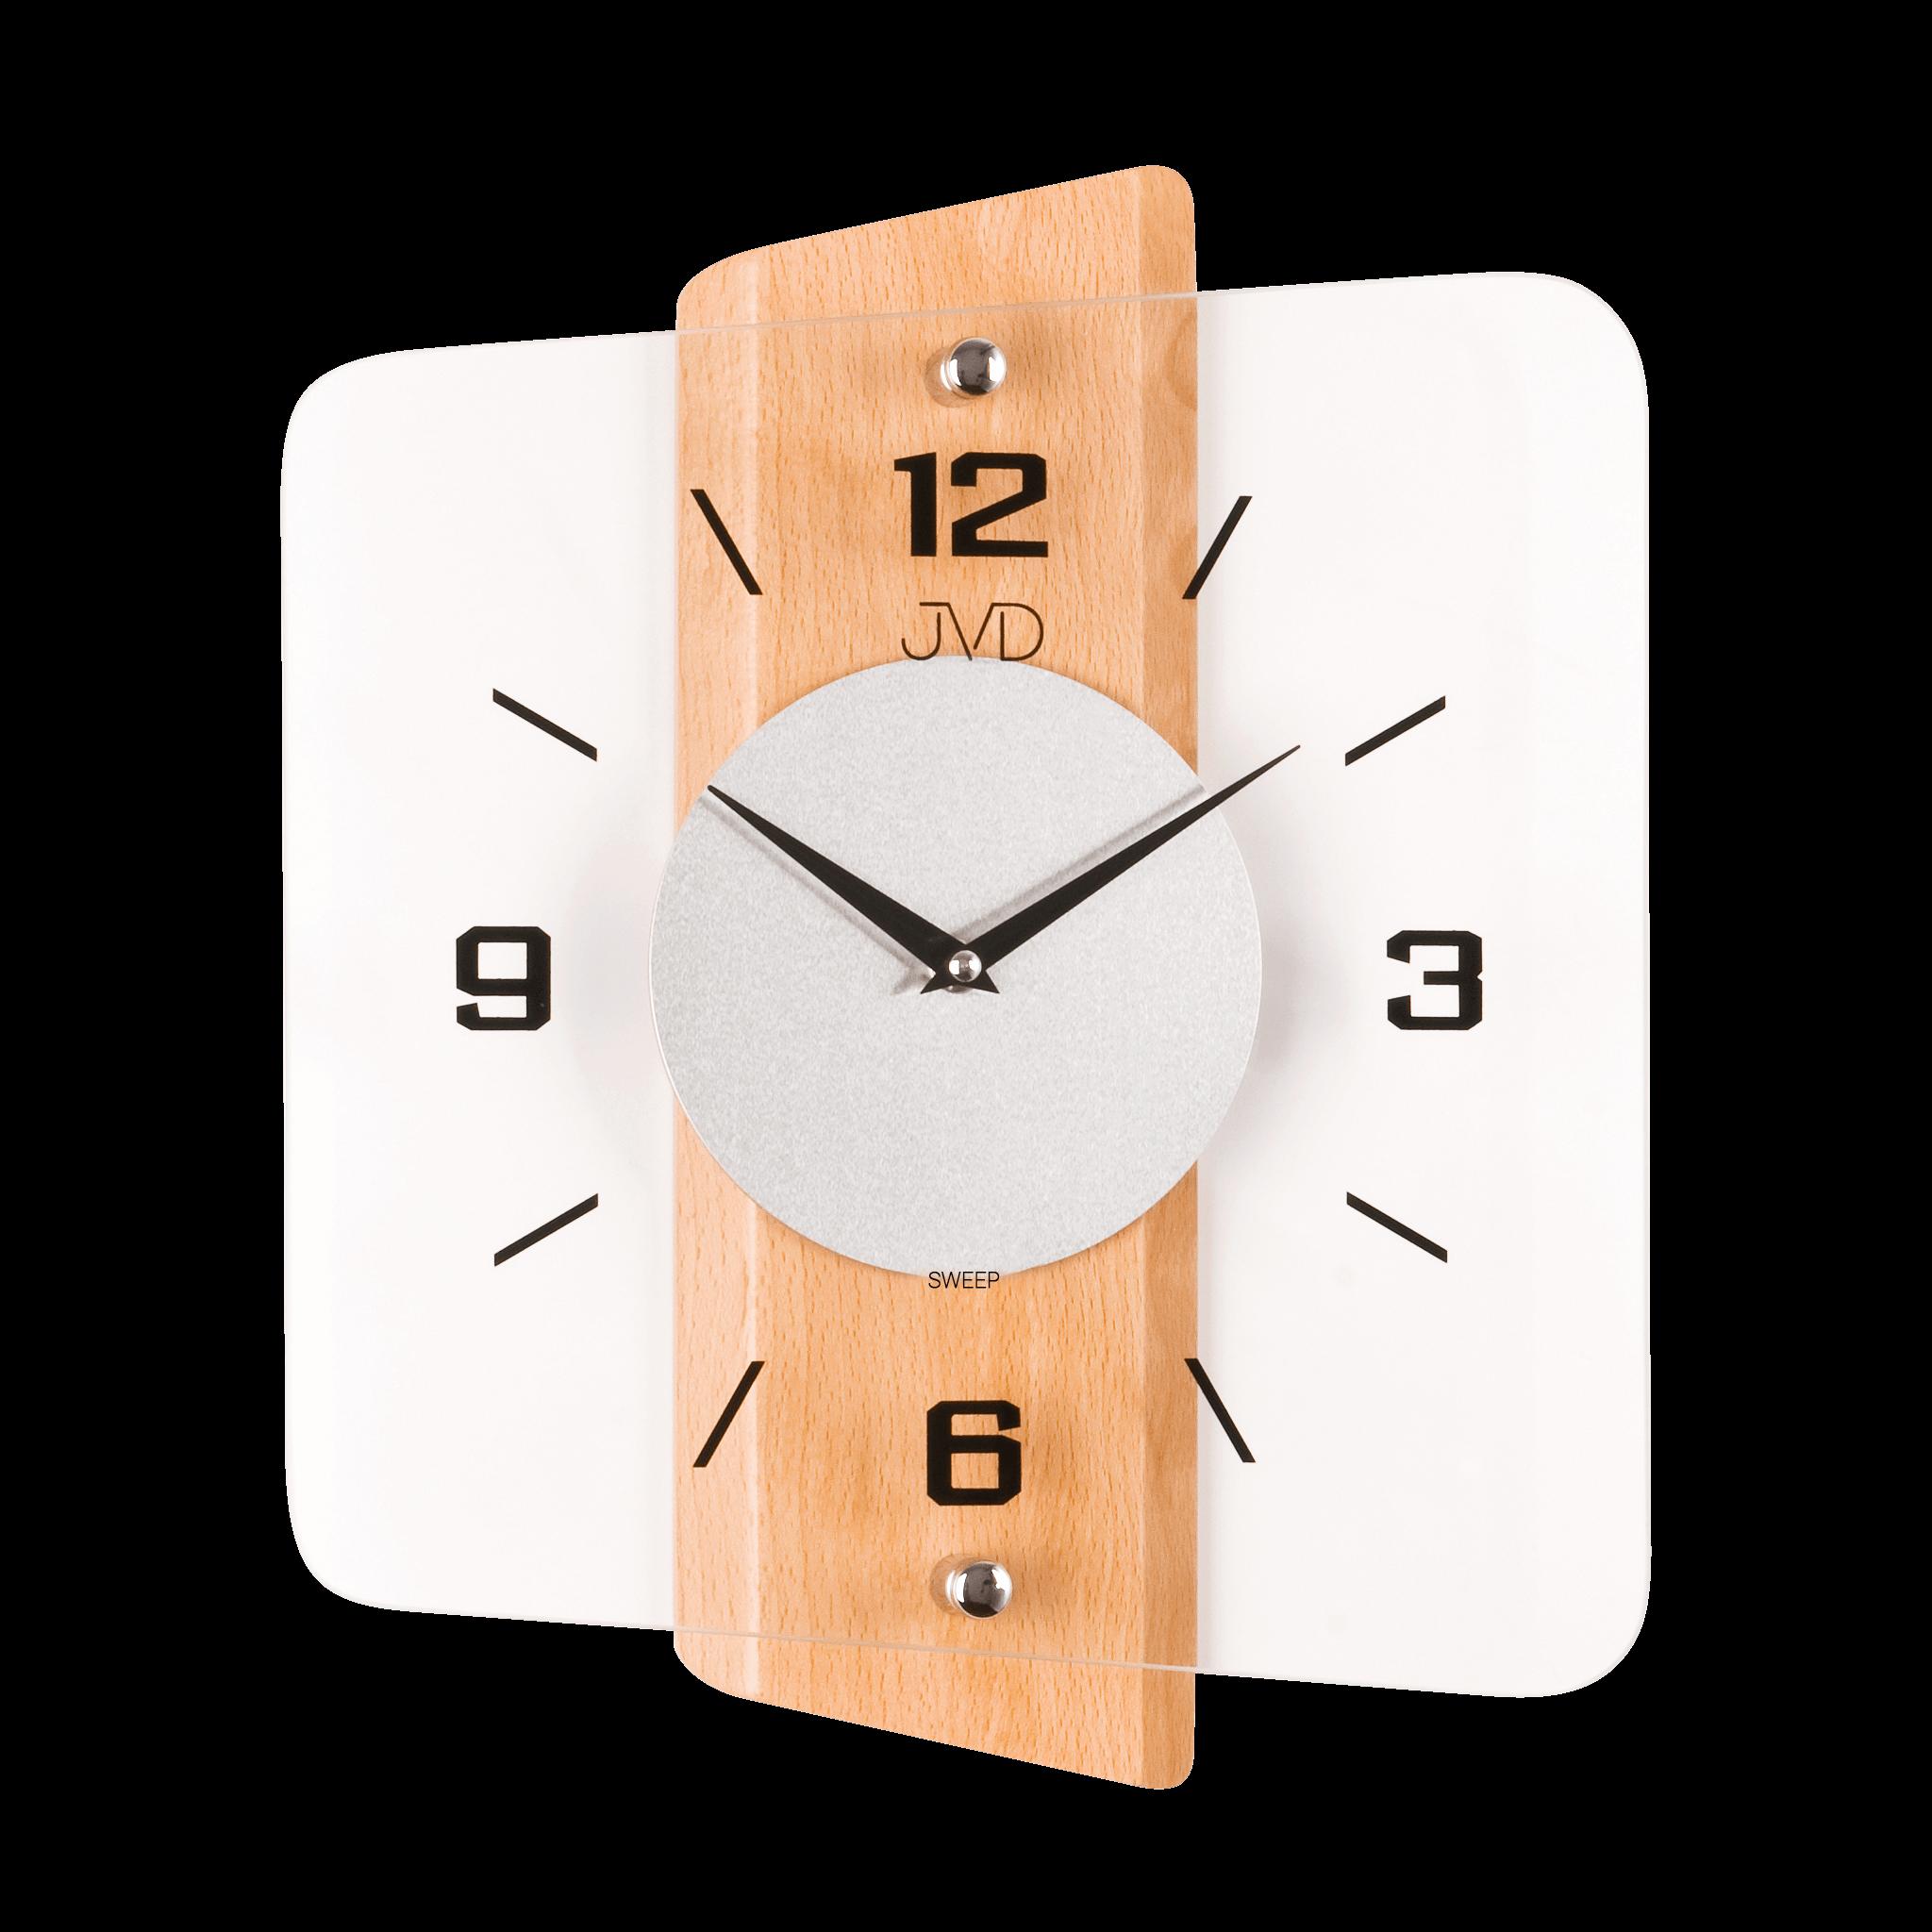 Skleněné dřevěné netikající tiché nástěnné hodiny JVD NS20131/68 (tiché netikající hodiny s plynulým chodem)